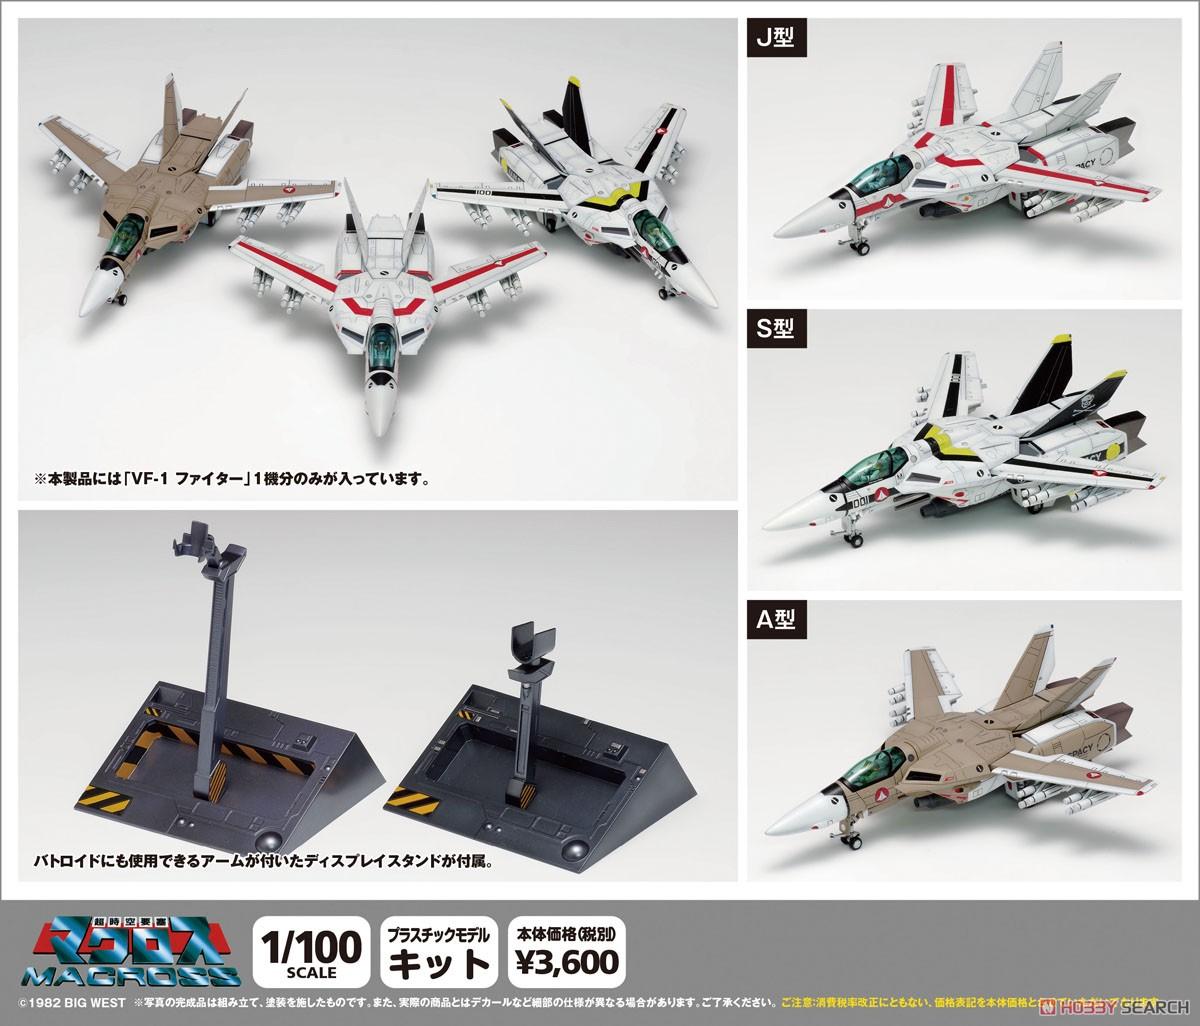 超時空要塞マクロス『VF-1[A / J / S]ファイター マルチプレックス』1/100 プラモデル-006